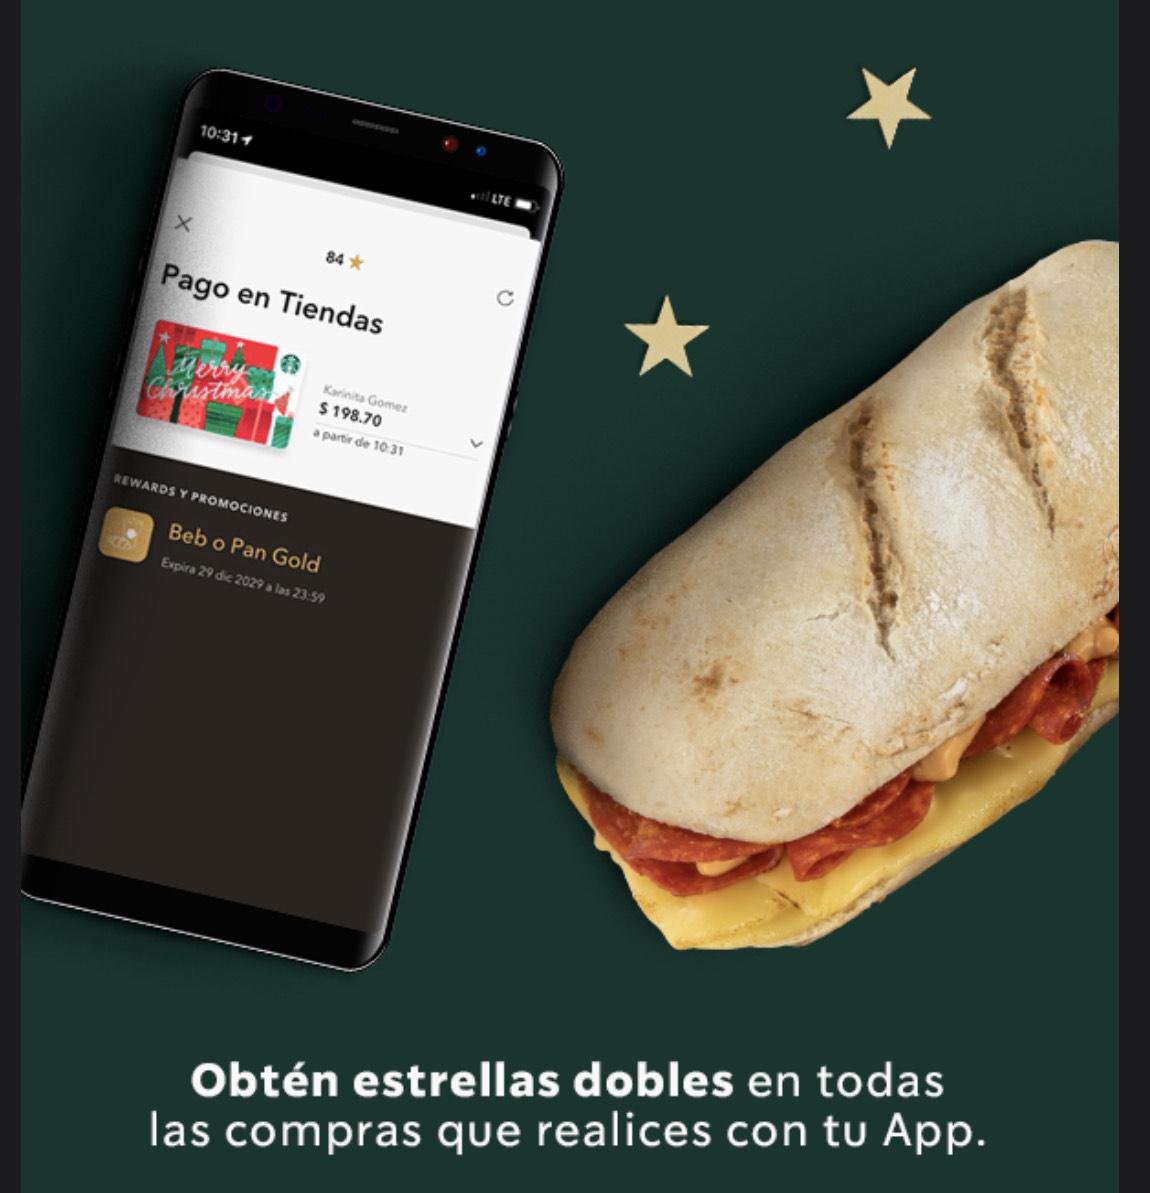 Starbucks: Estrellas Dobles (pagando con la app)